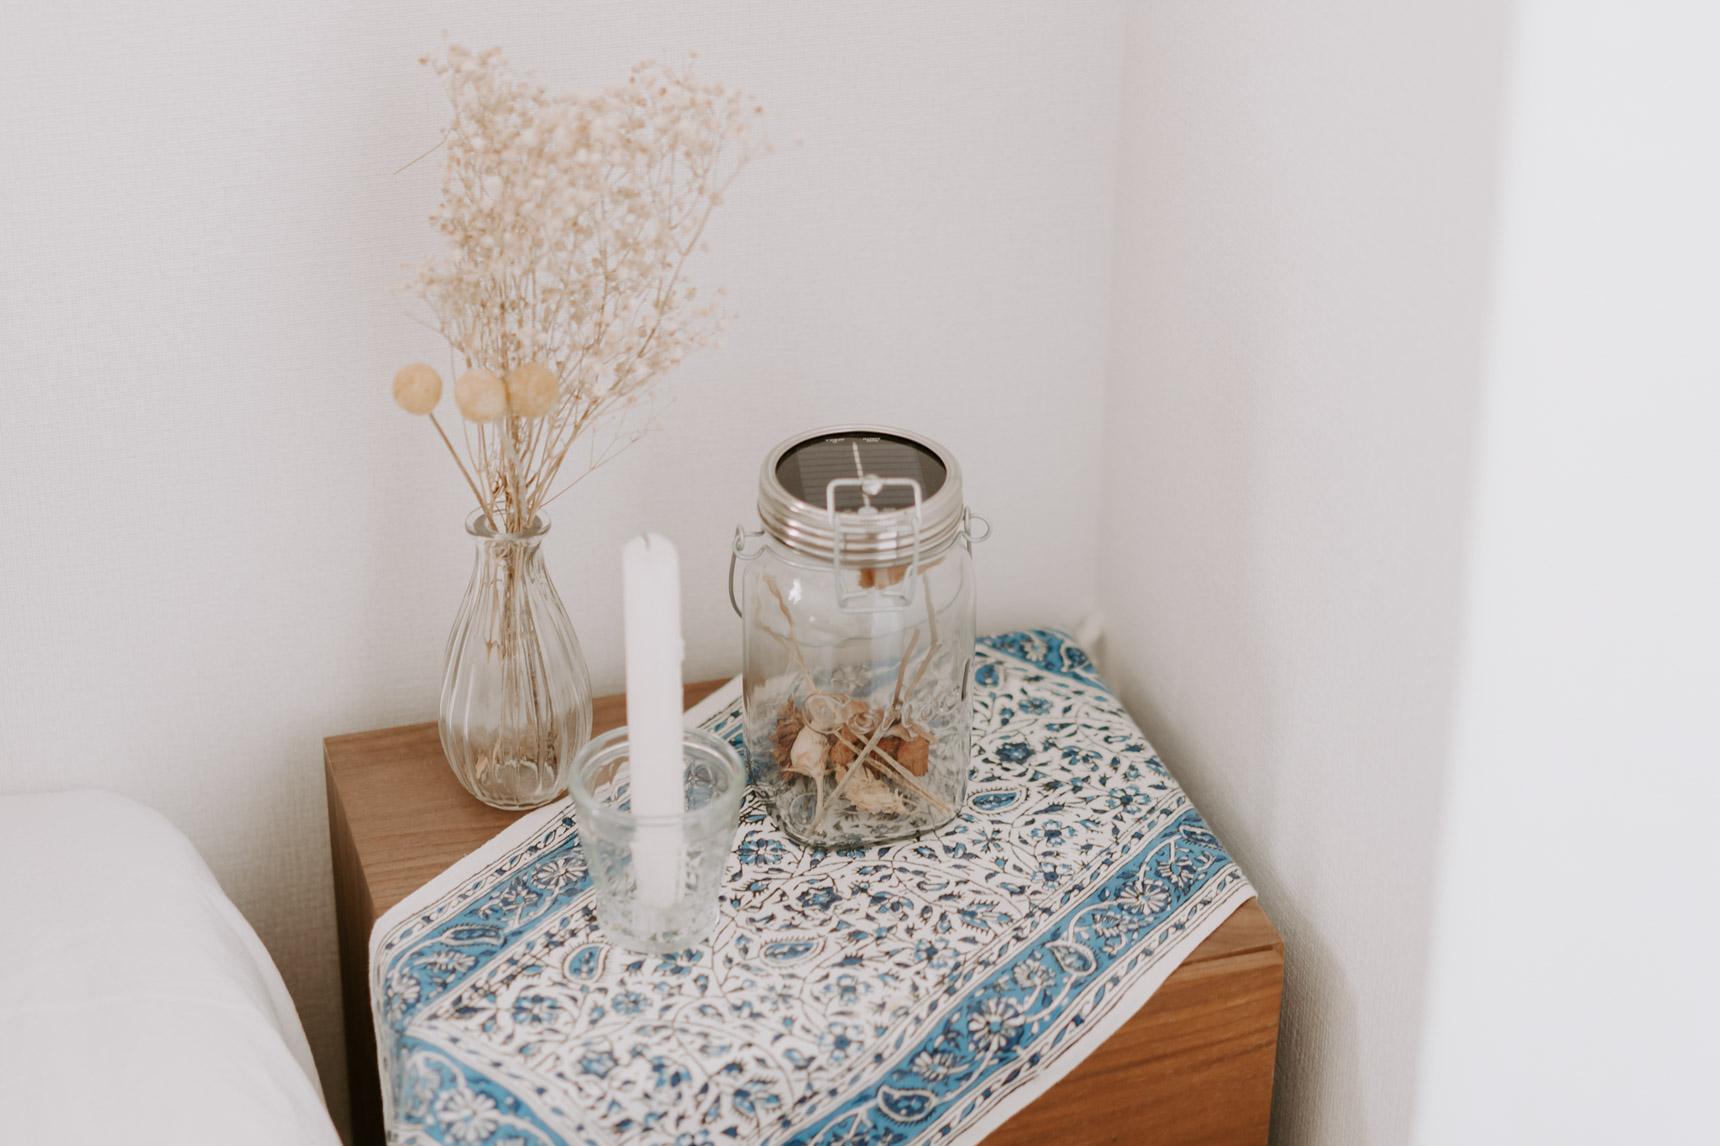 同じ植物モチーフの布を合わせて、あたたかみがあって落ち着いた印象に整えています。